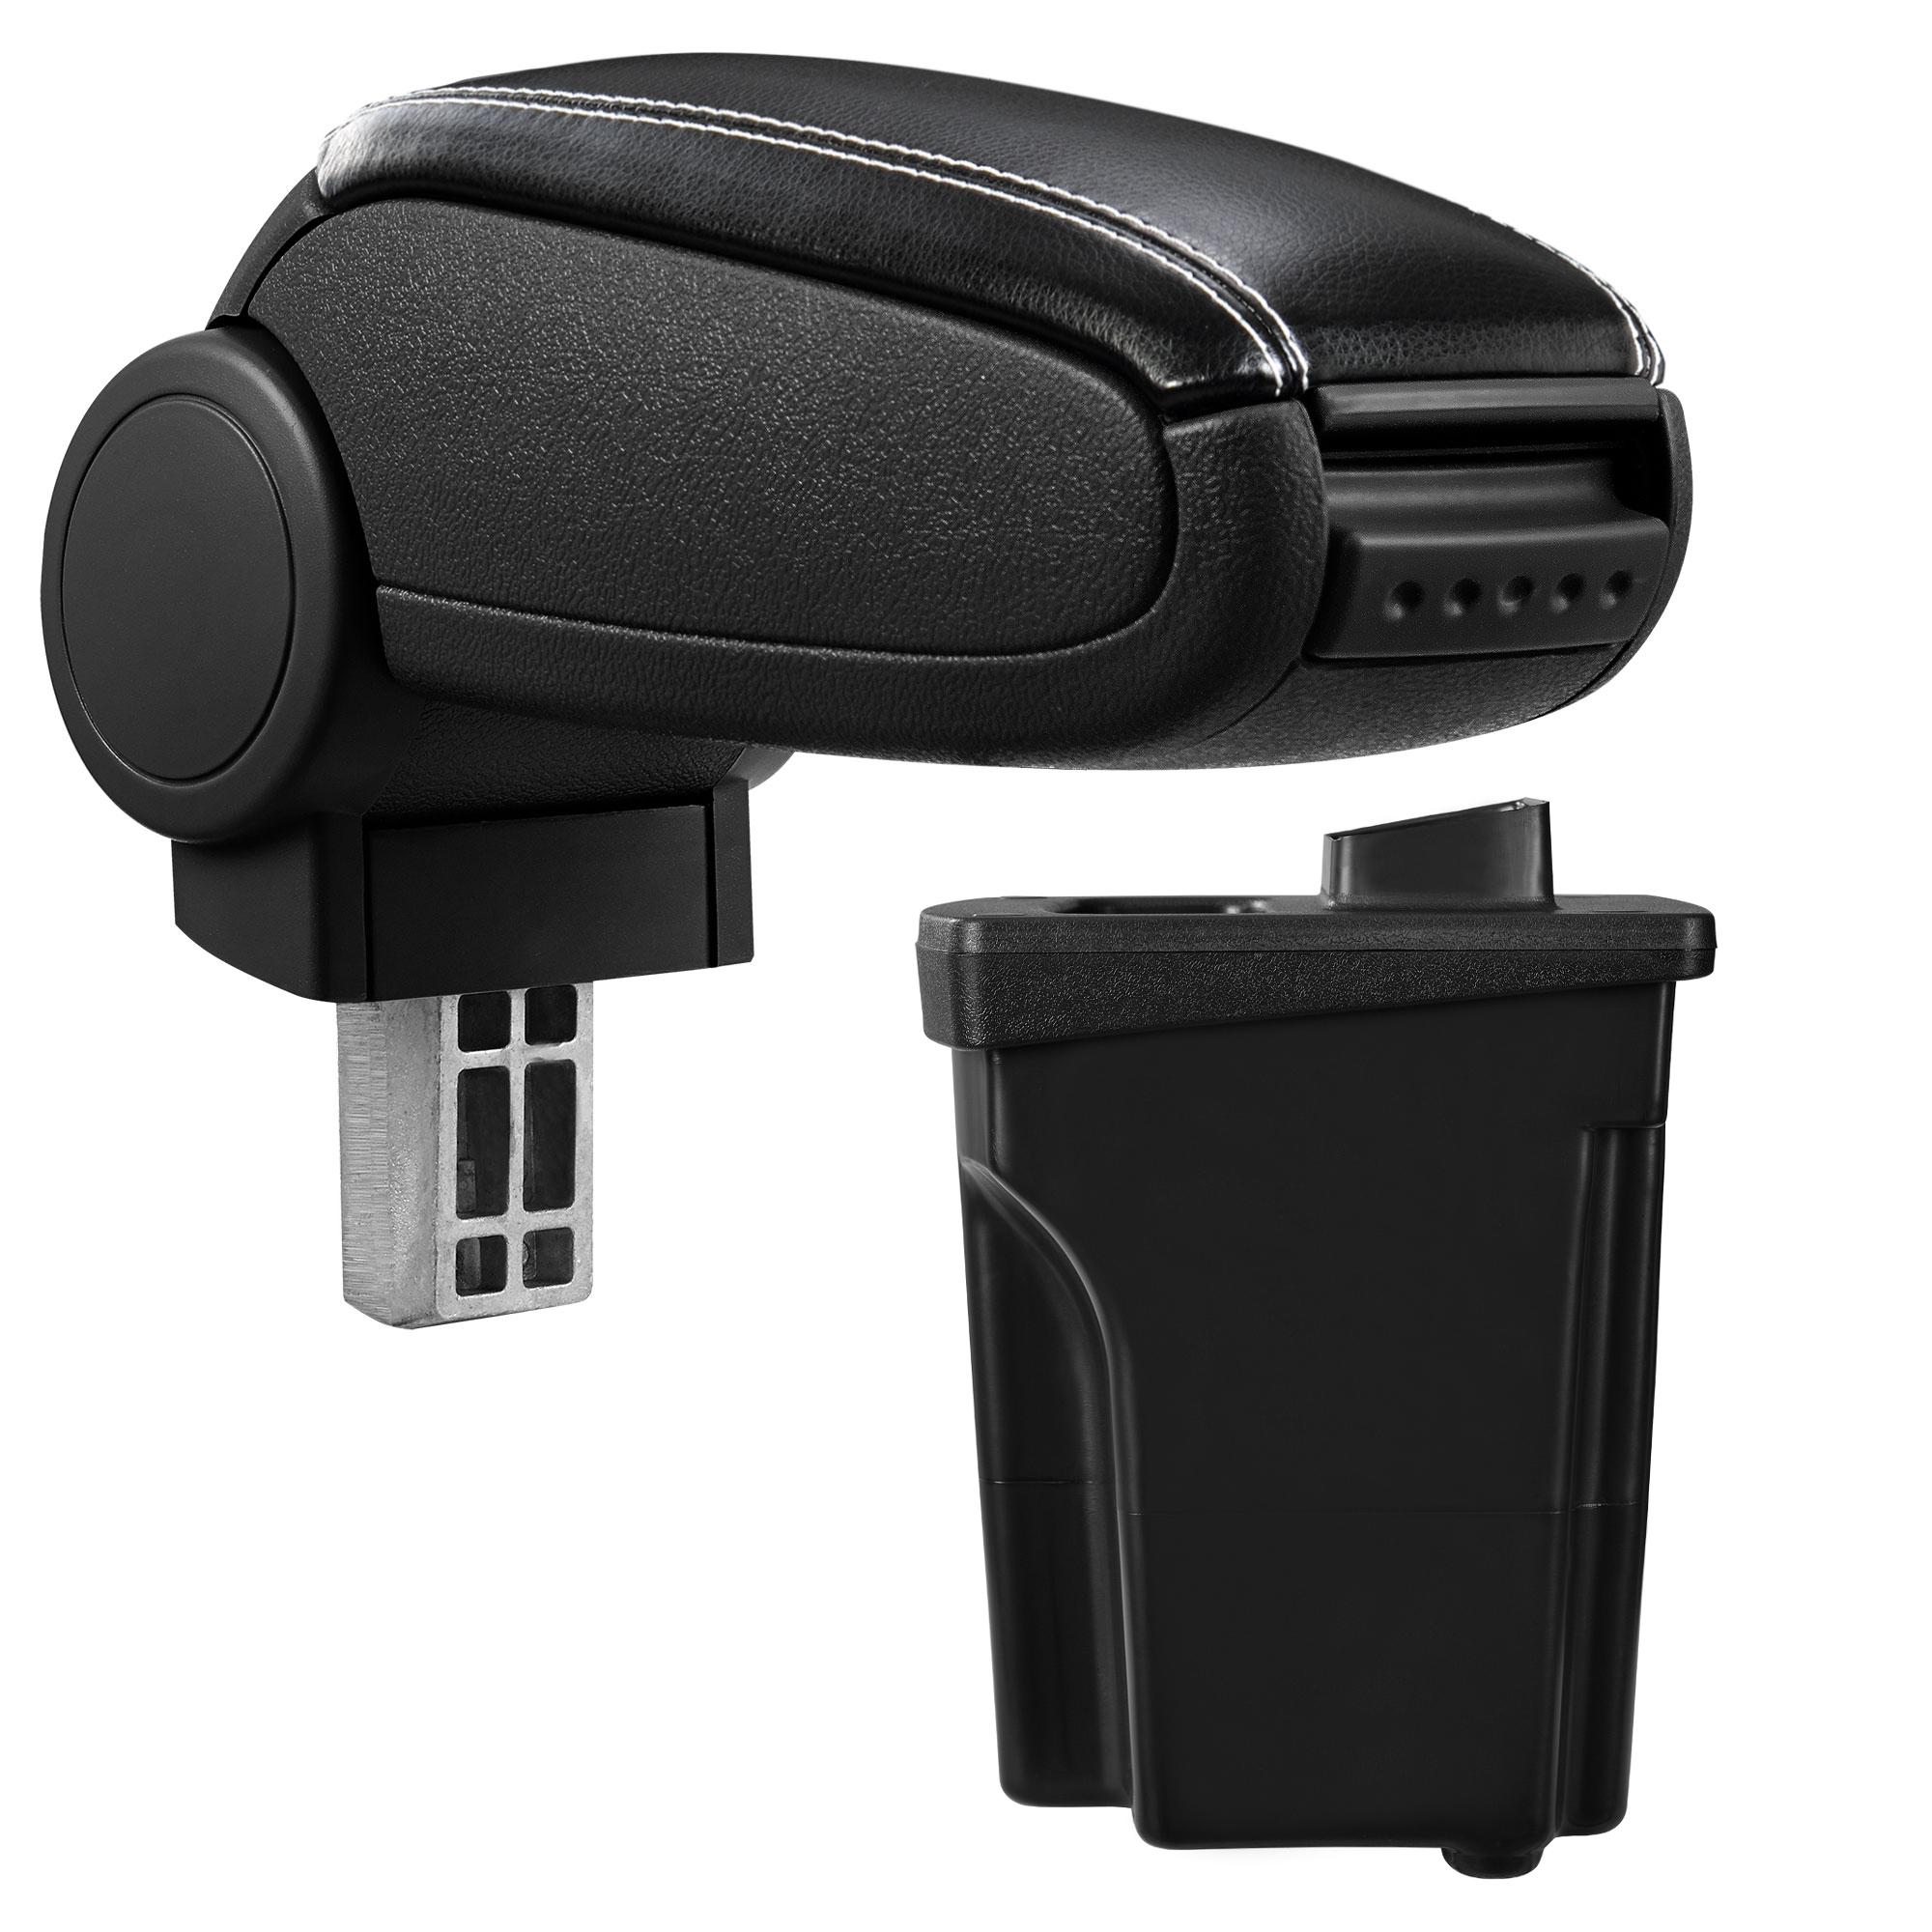 Středová loketní opěrka - vhodná pro: Hyundai I30 GD (od 2012) - umělá kůže - Černá s bílými švy